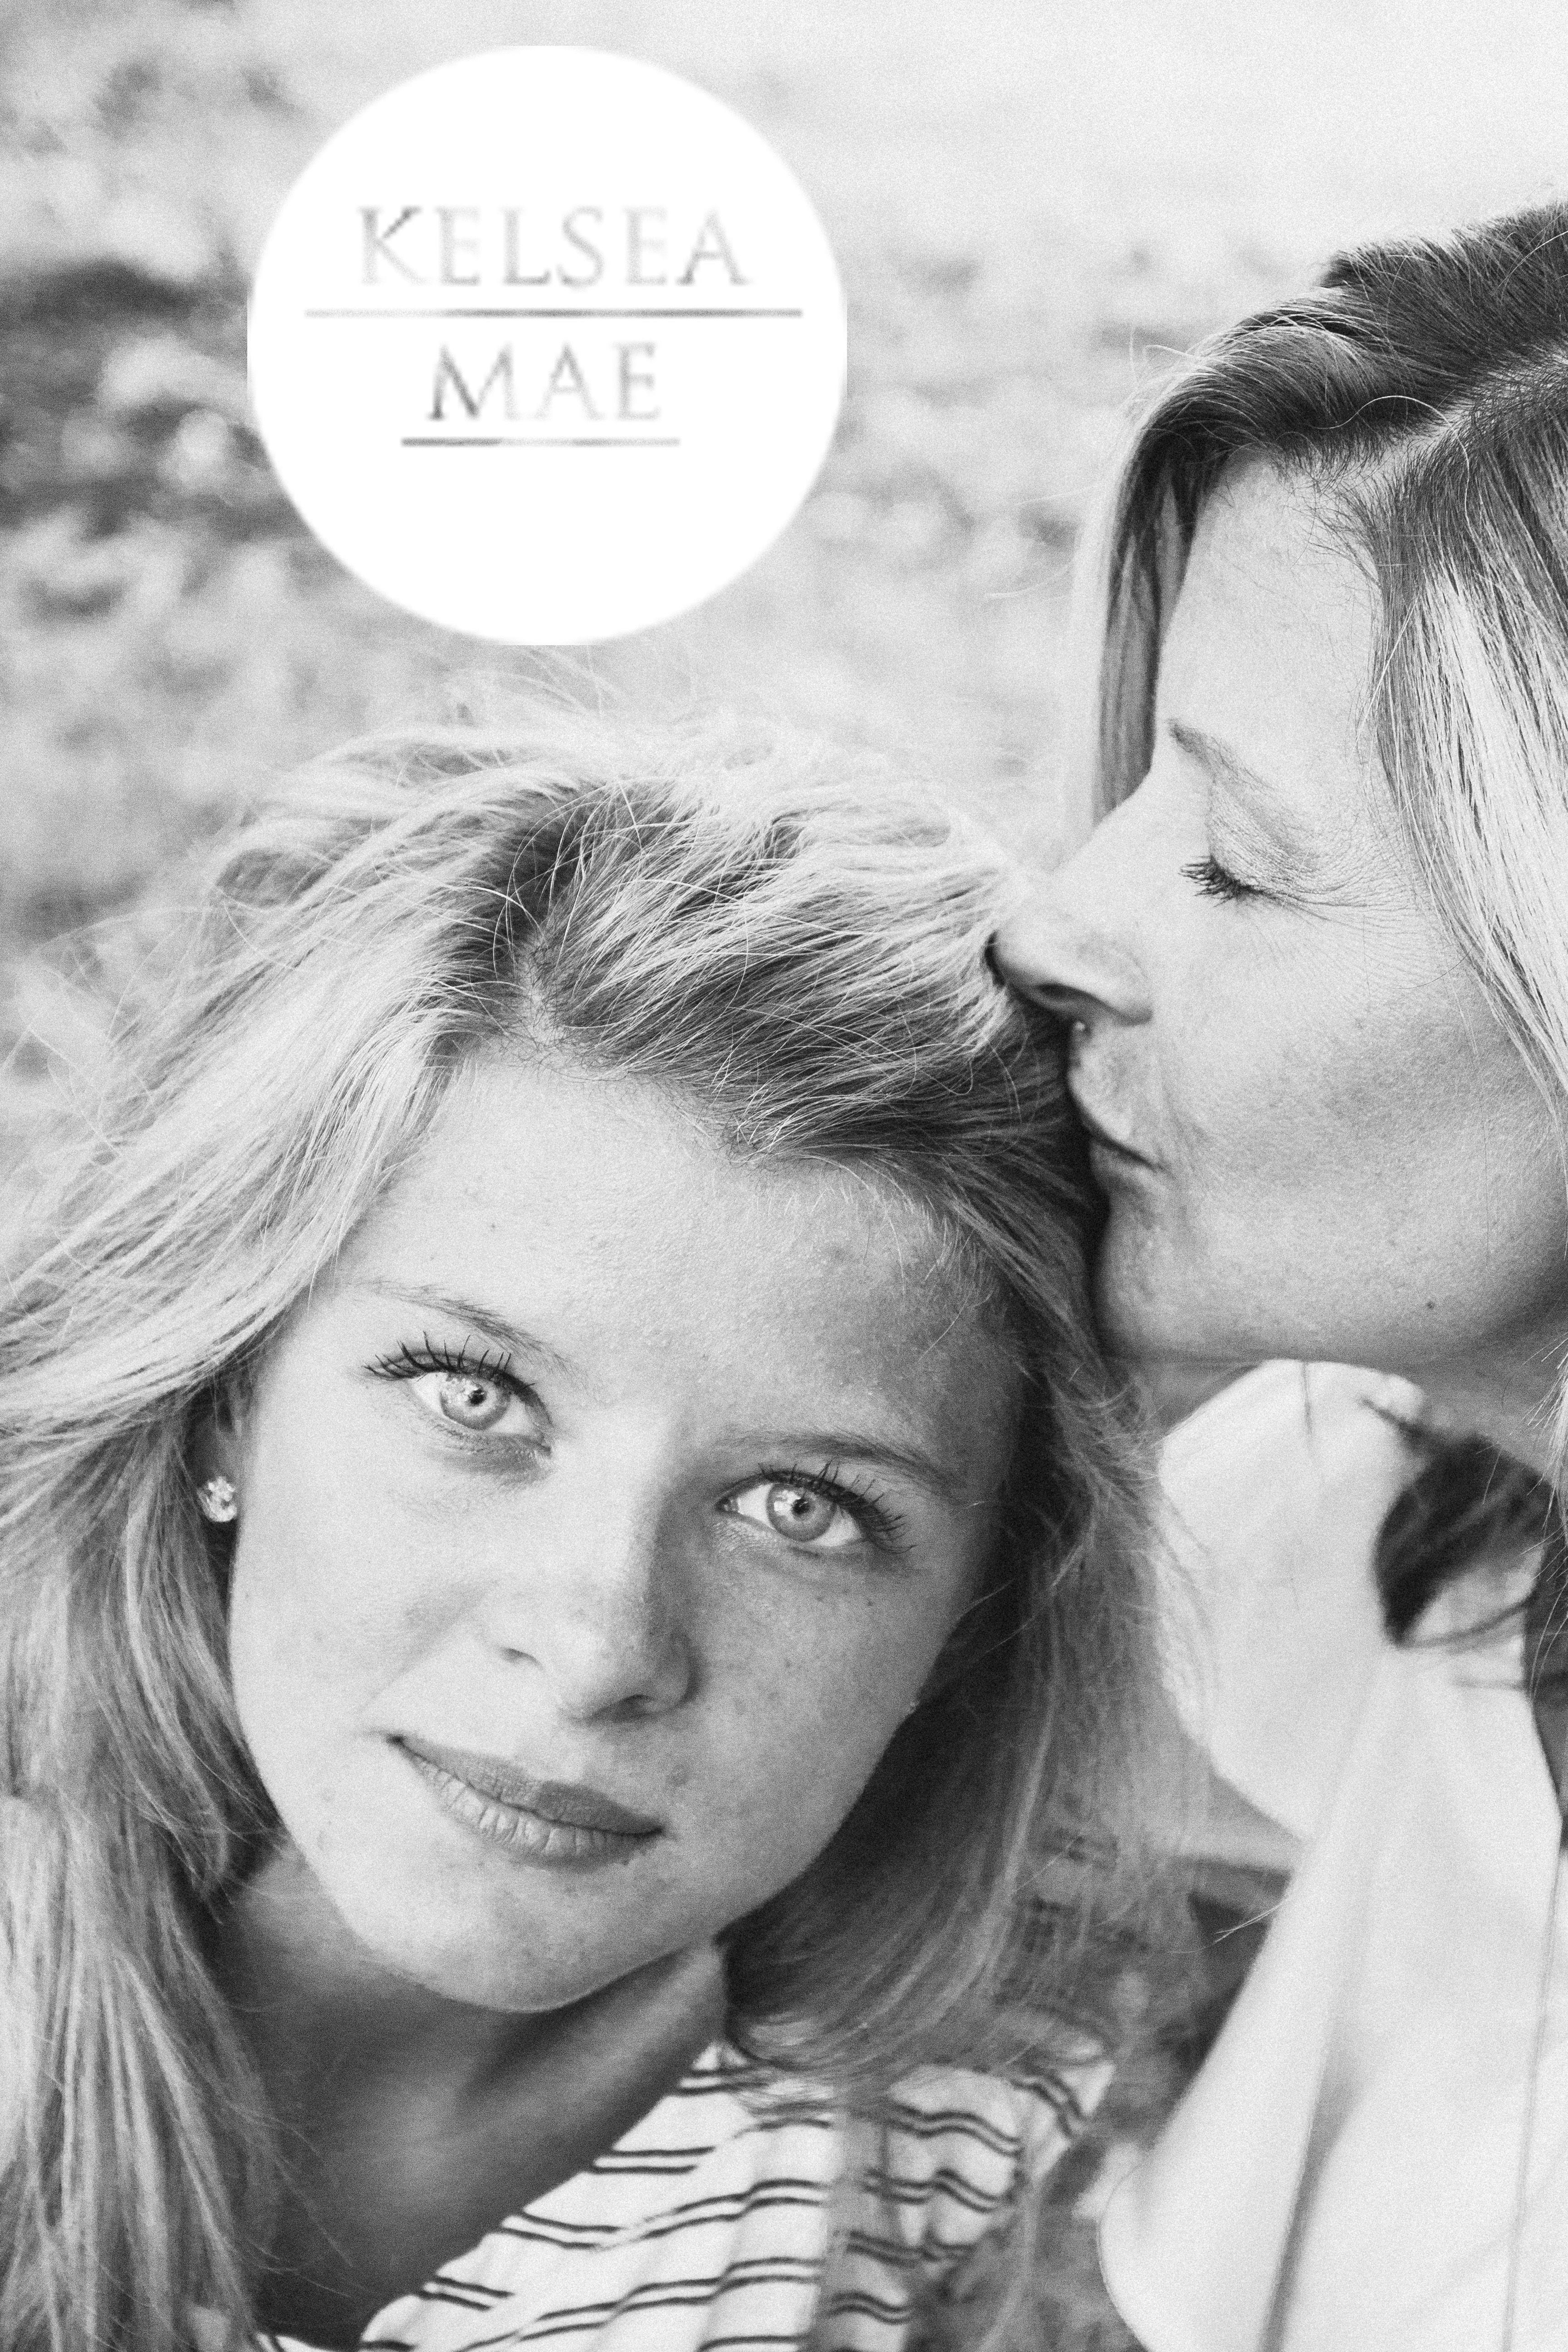 Mother Daughter session #kelseamae #kelseamaephotographs